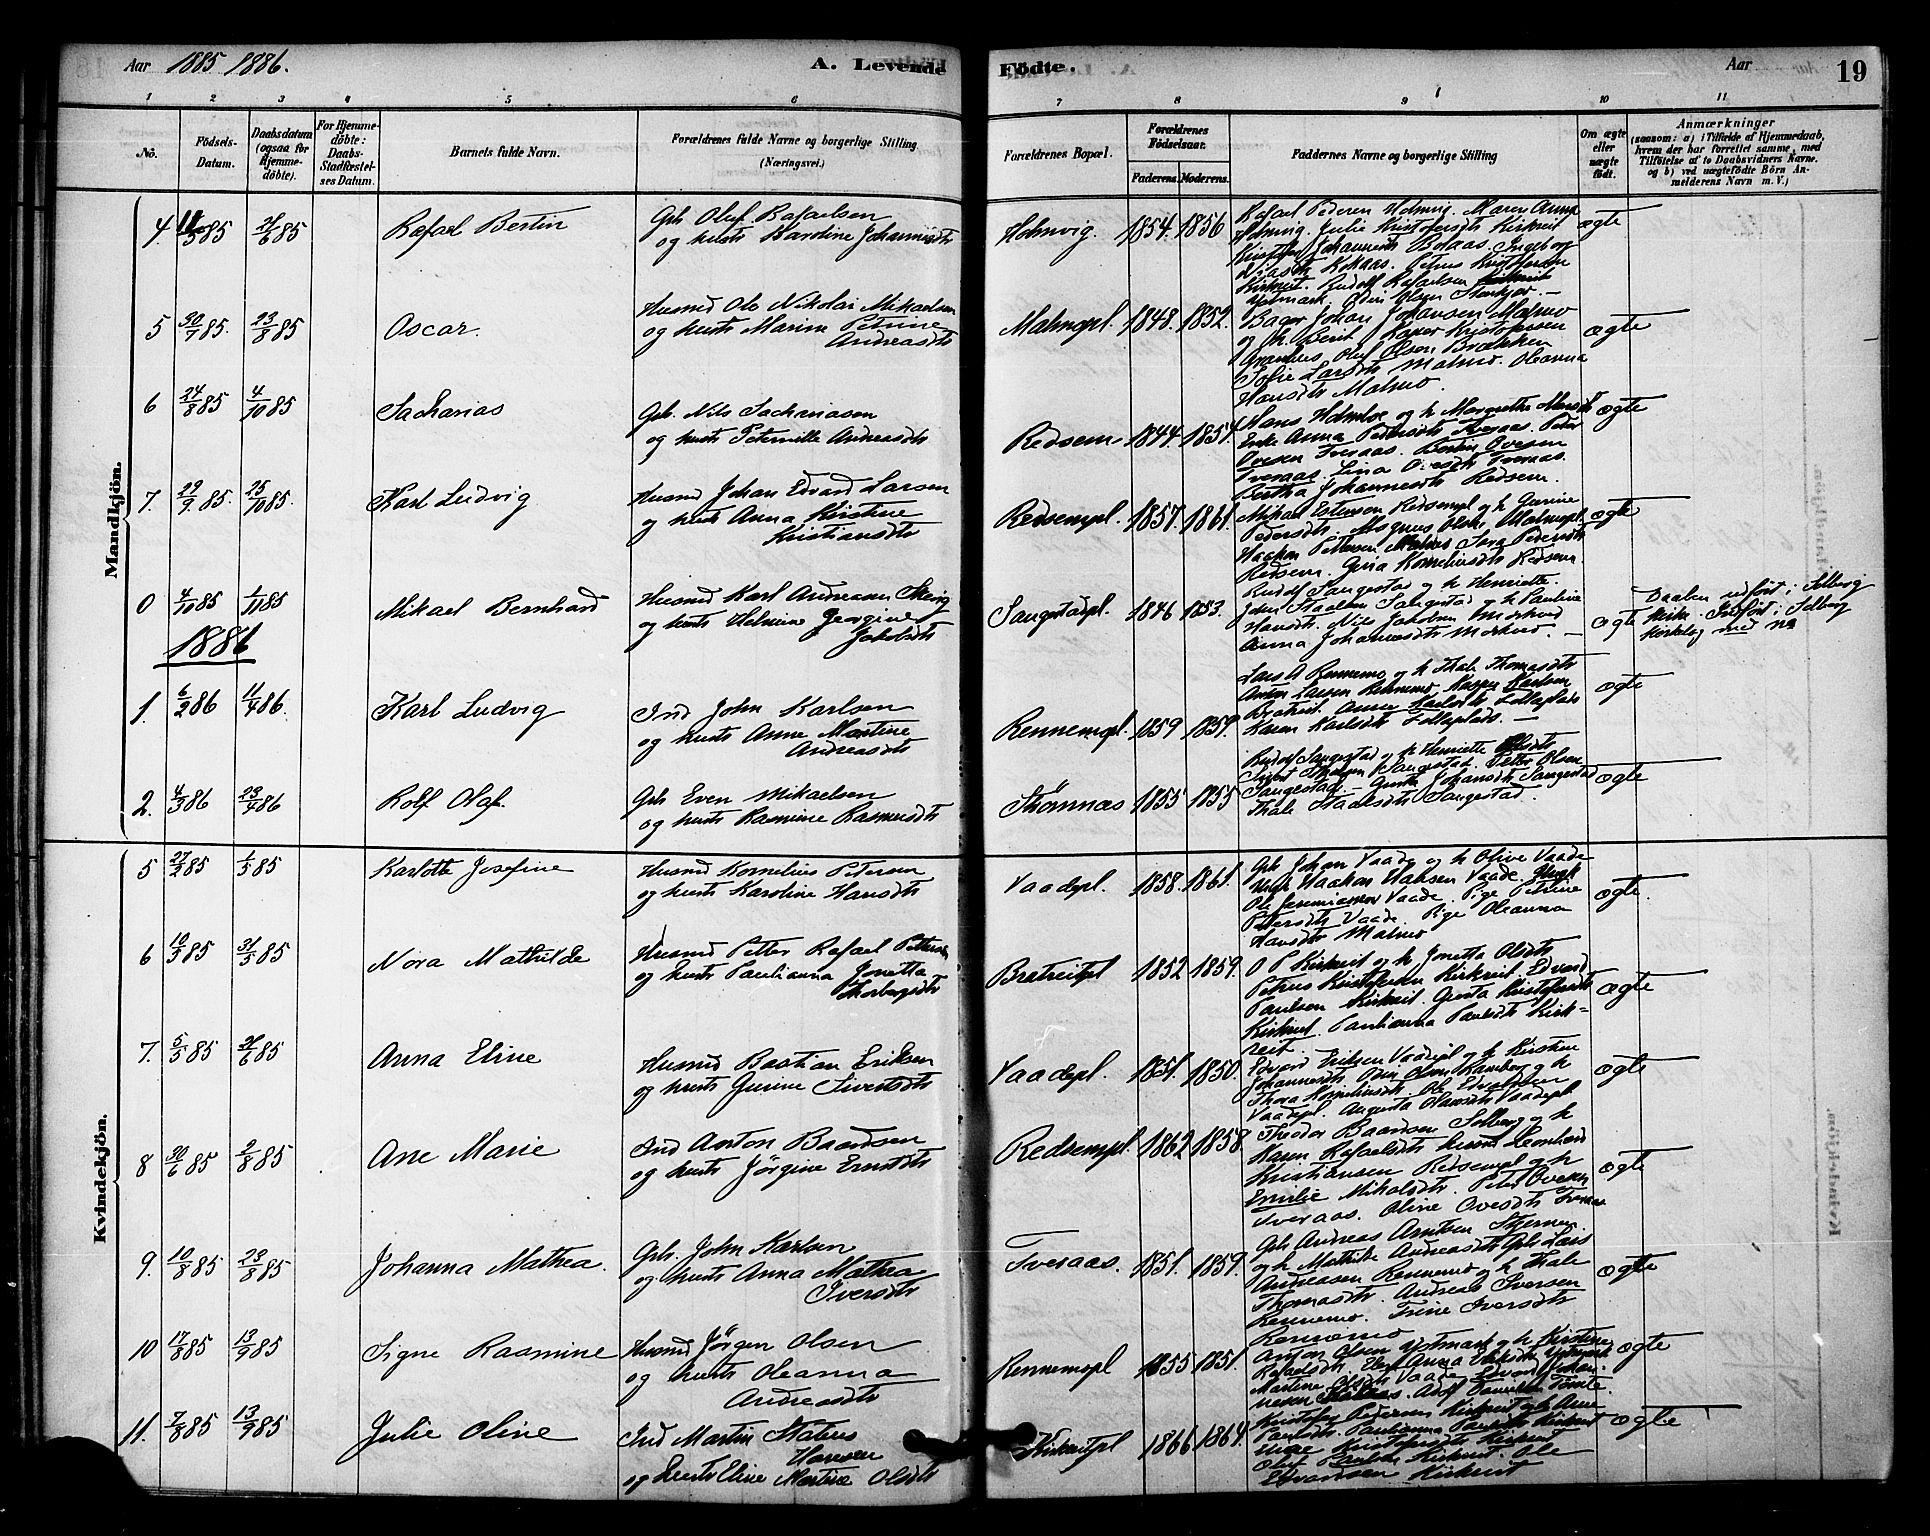 SAT, Ministerialprotokoller, klokkerbøker og fødselsregistre - Nord-Trøndelag, 745/L0429: Ministerialbok nr. 745A01, 1878-1894, s. 19